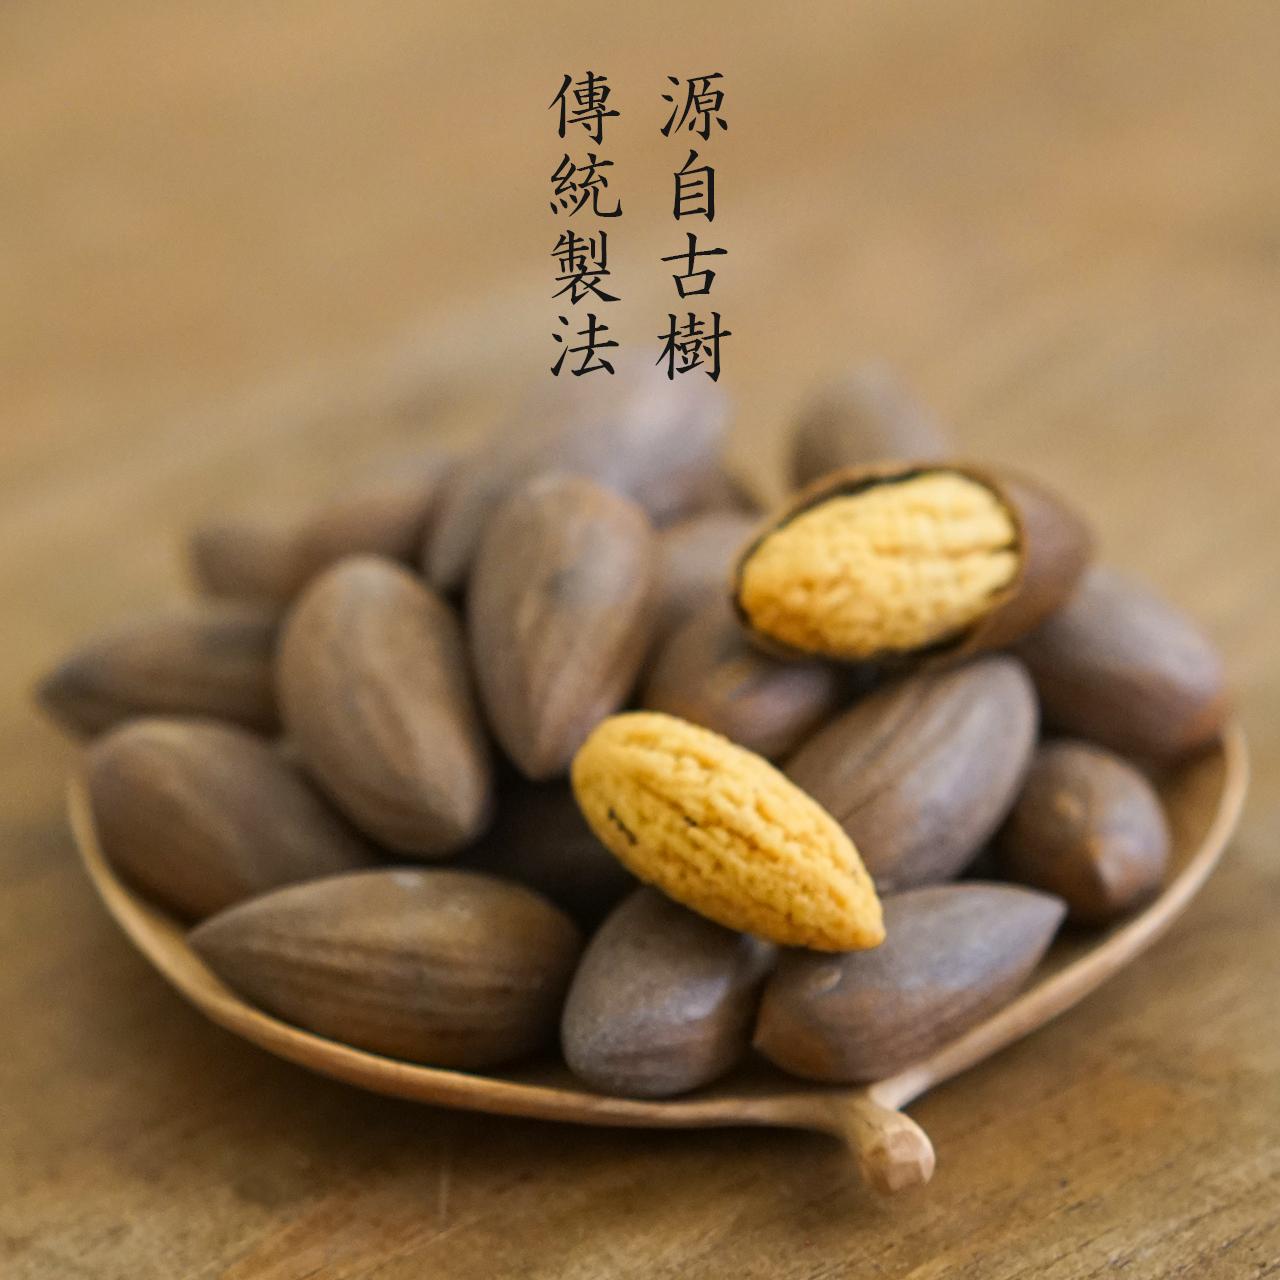 1斤5袋 2017新货坚果特产诸暨枫桥香榧 特级 香榧子500g包邮袋装